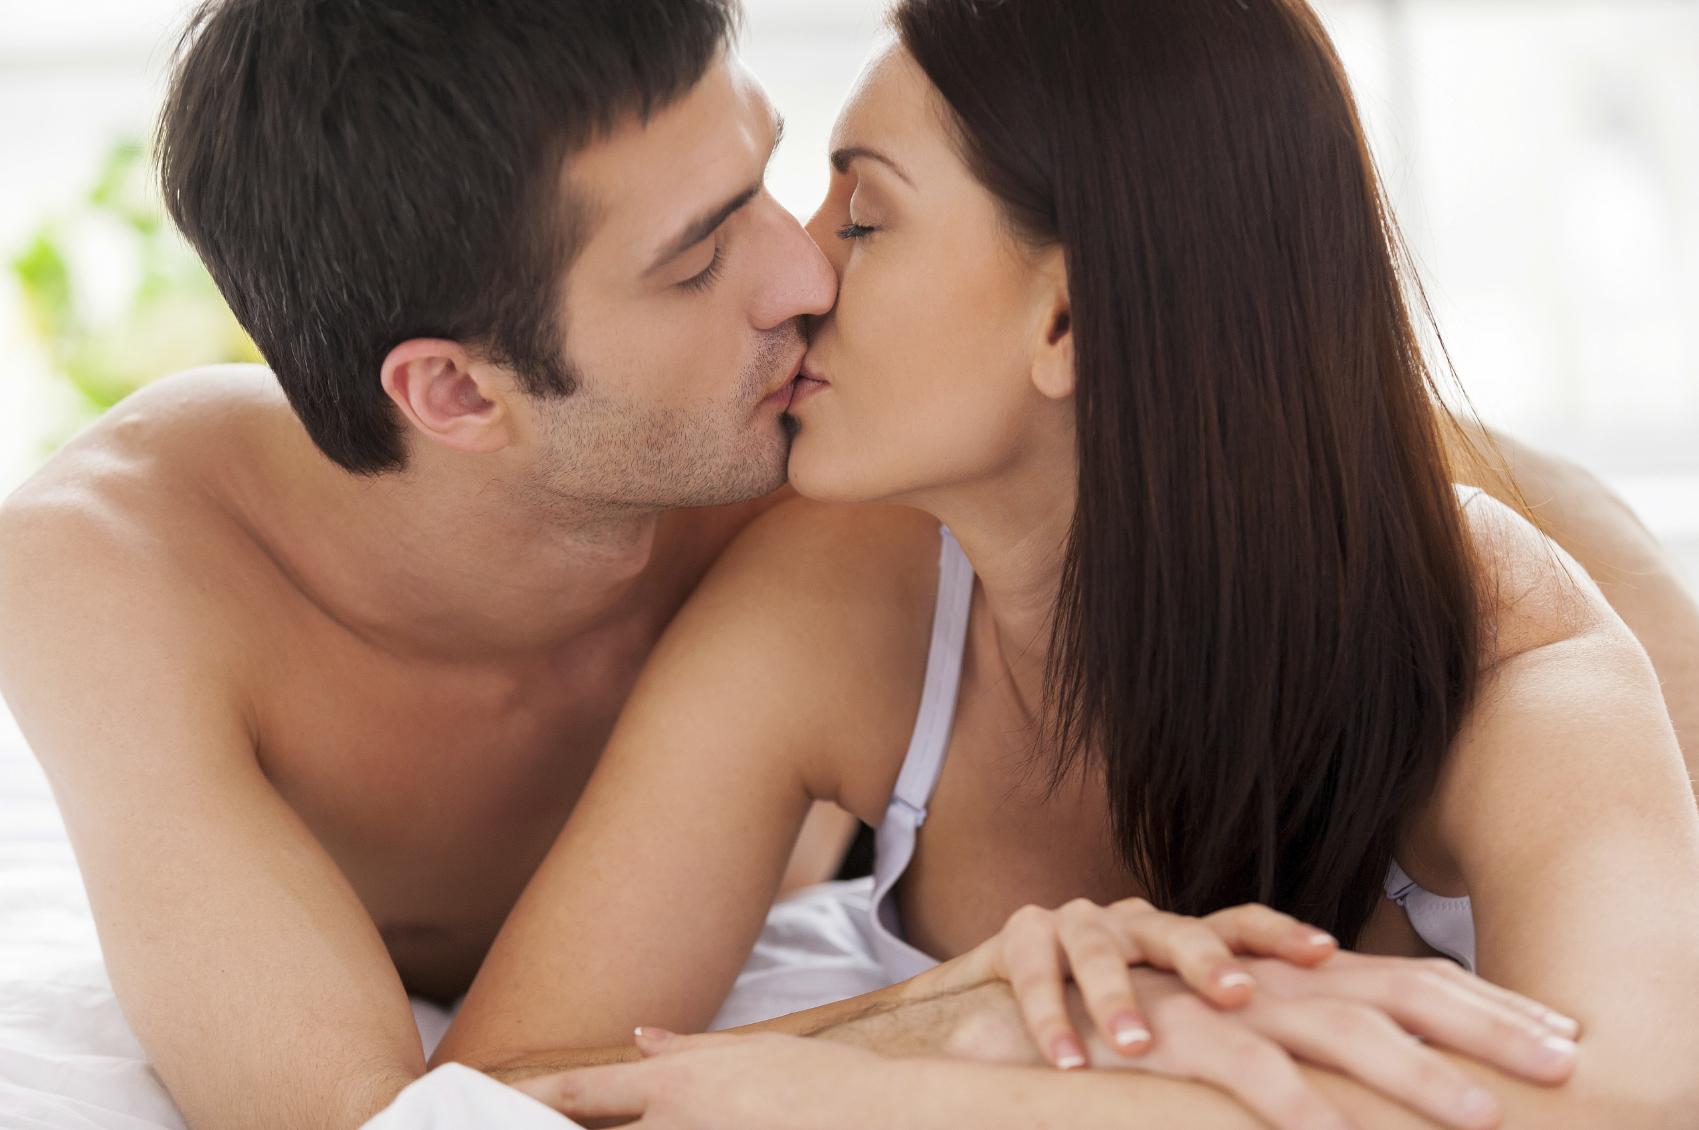 Как занимаются любовью парень с девушкой фото